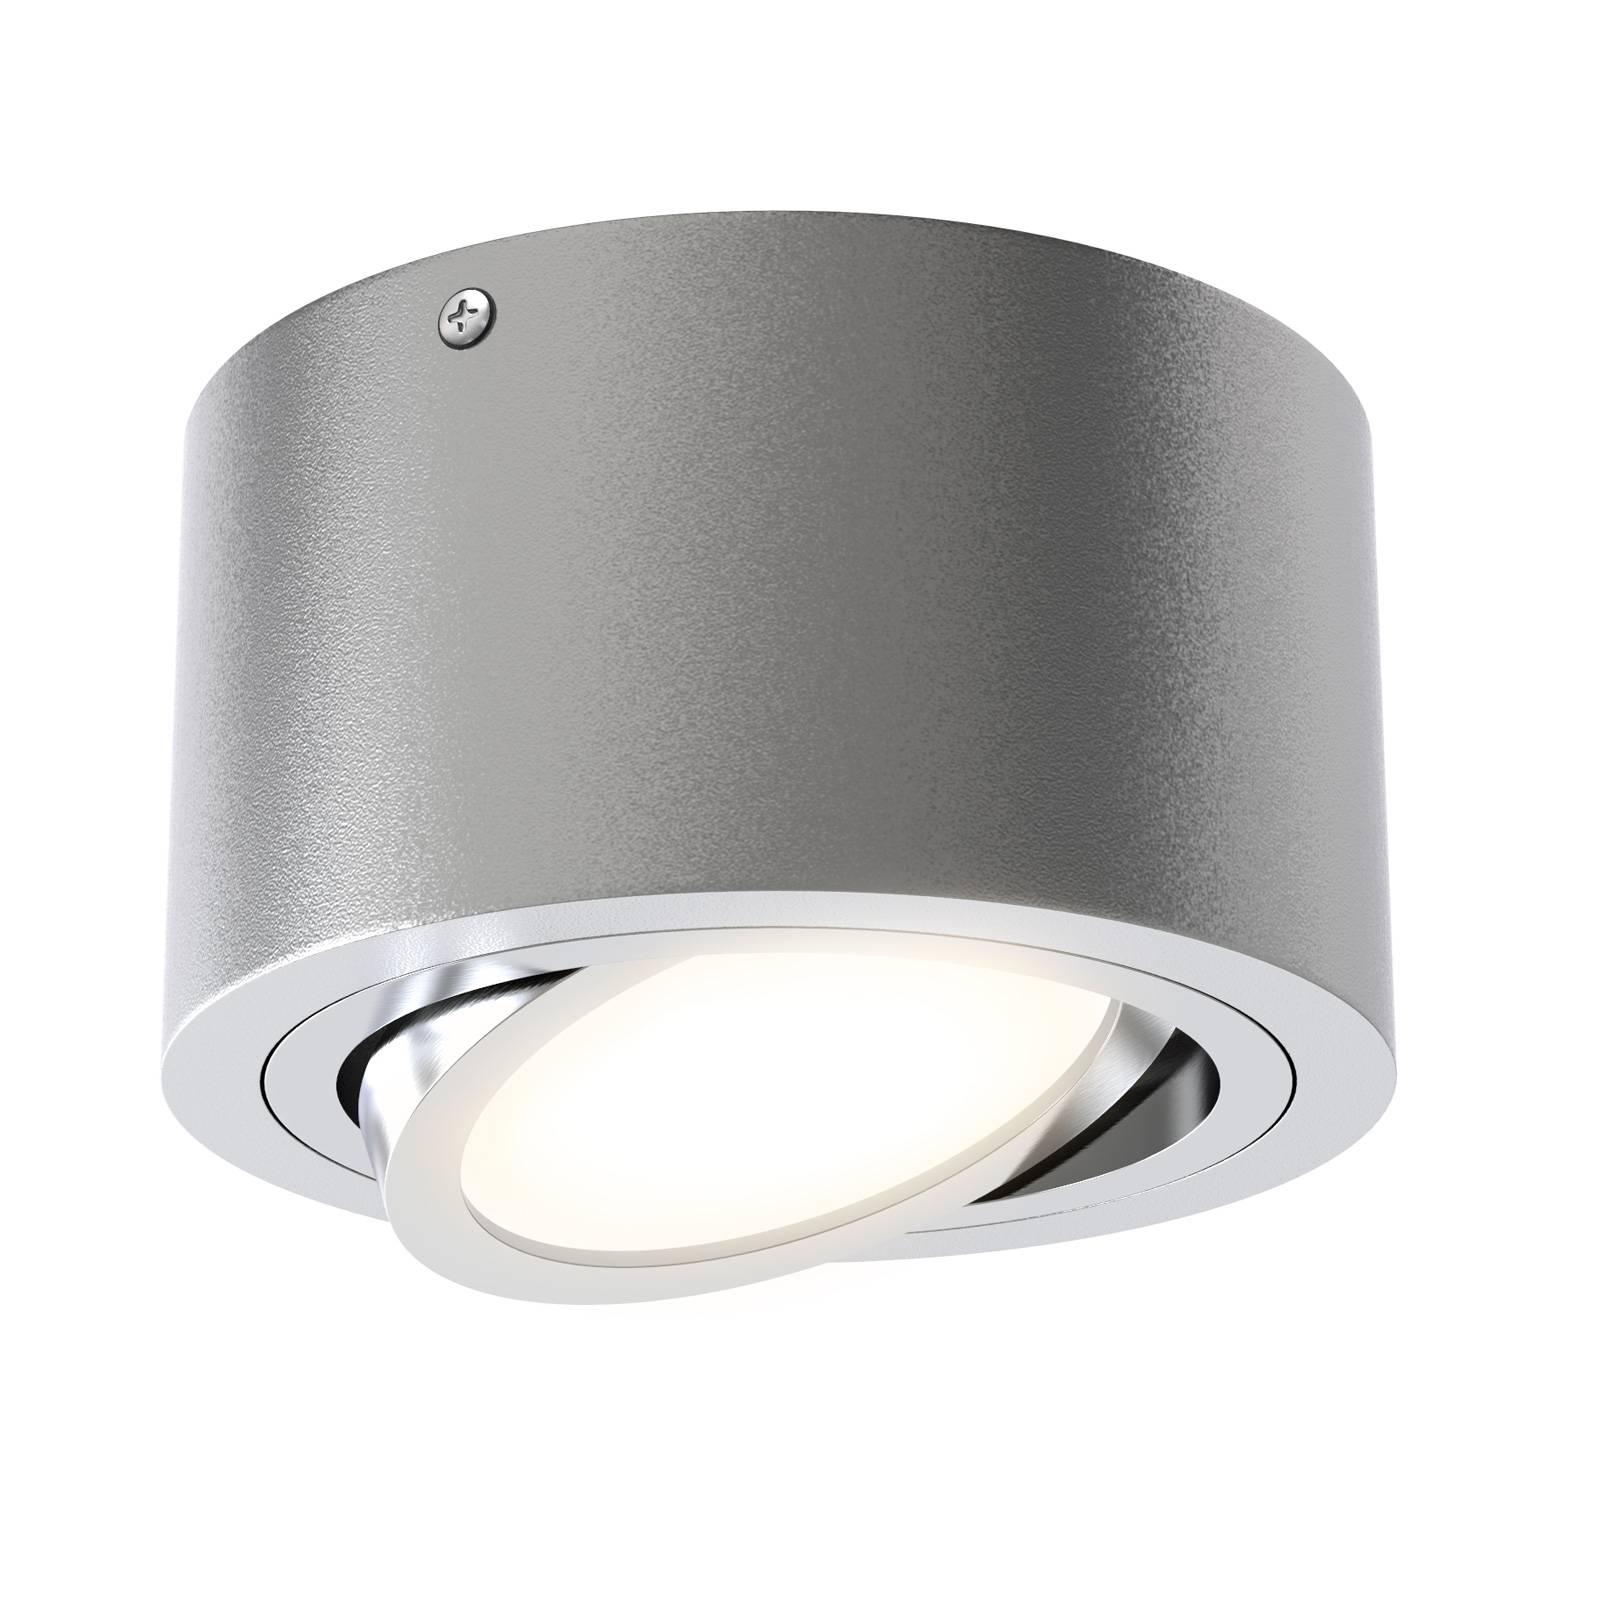 Spot LED Tube 7121-014 in argento